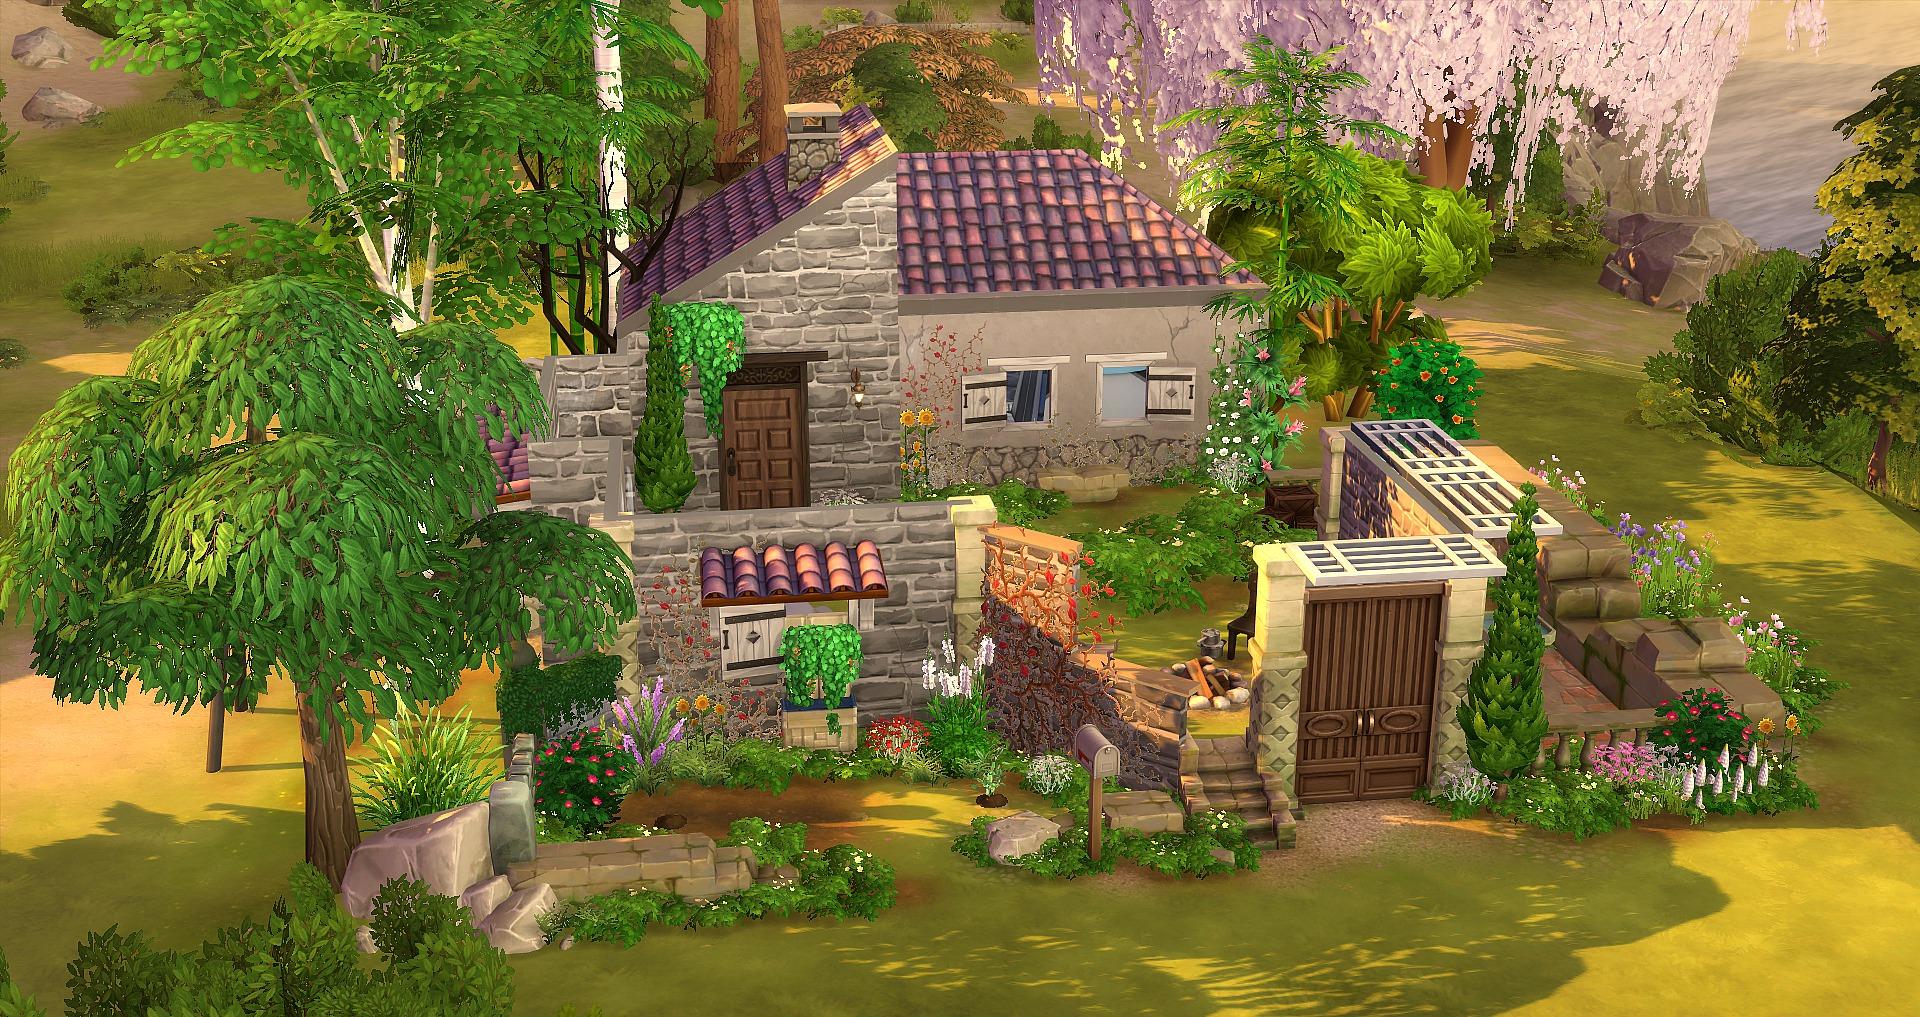 La Ruine Studiosims Creation